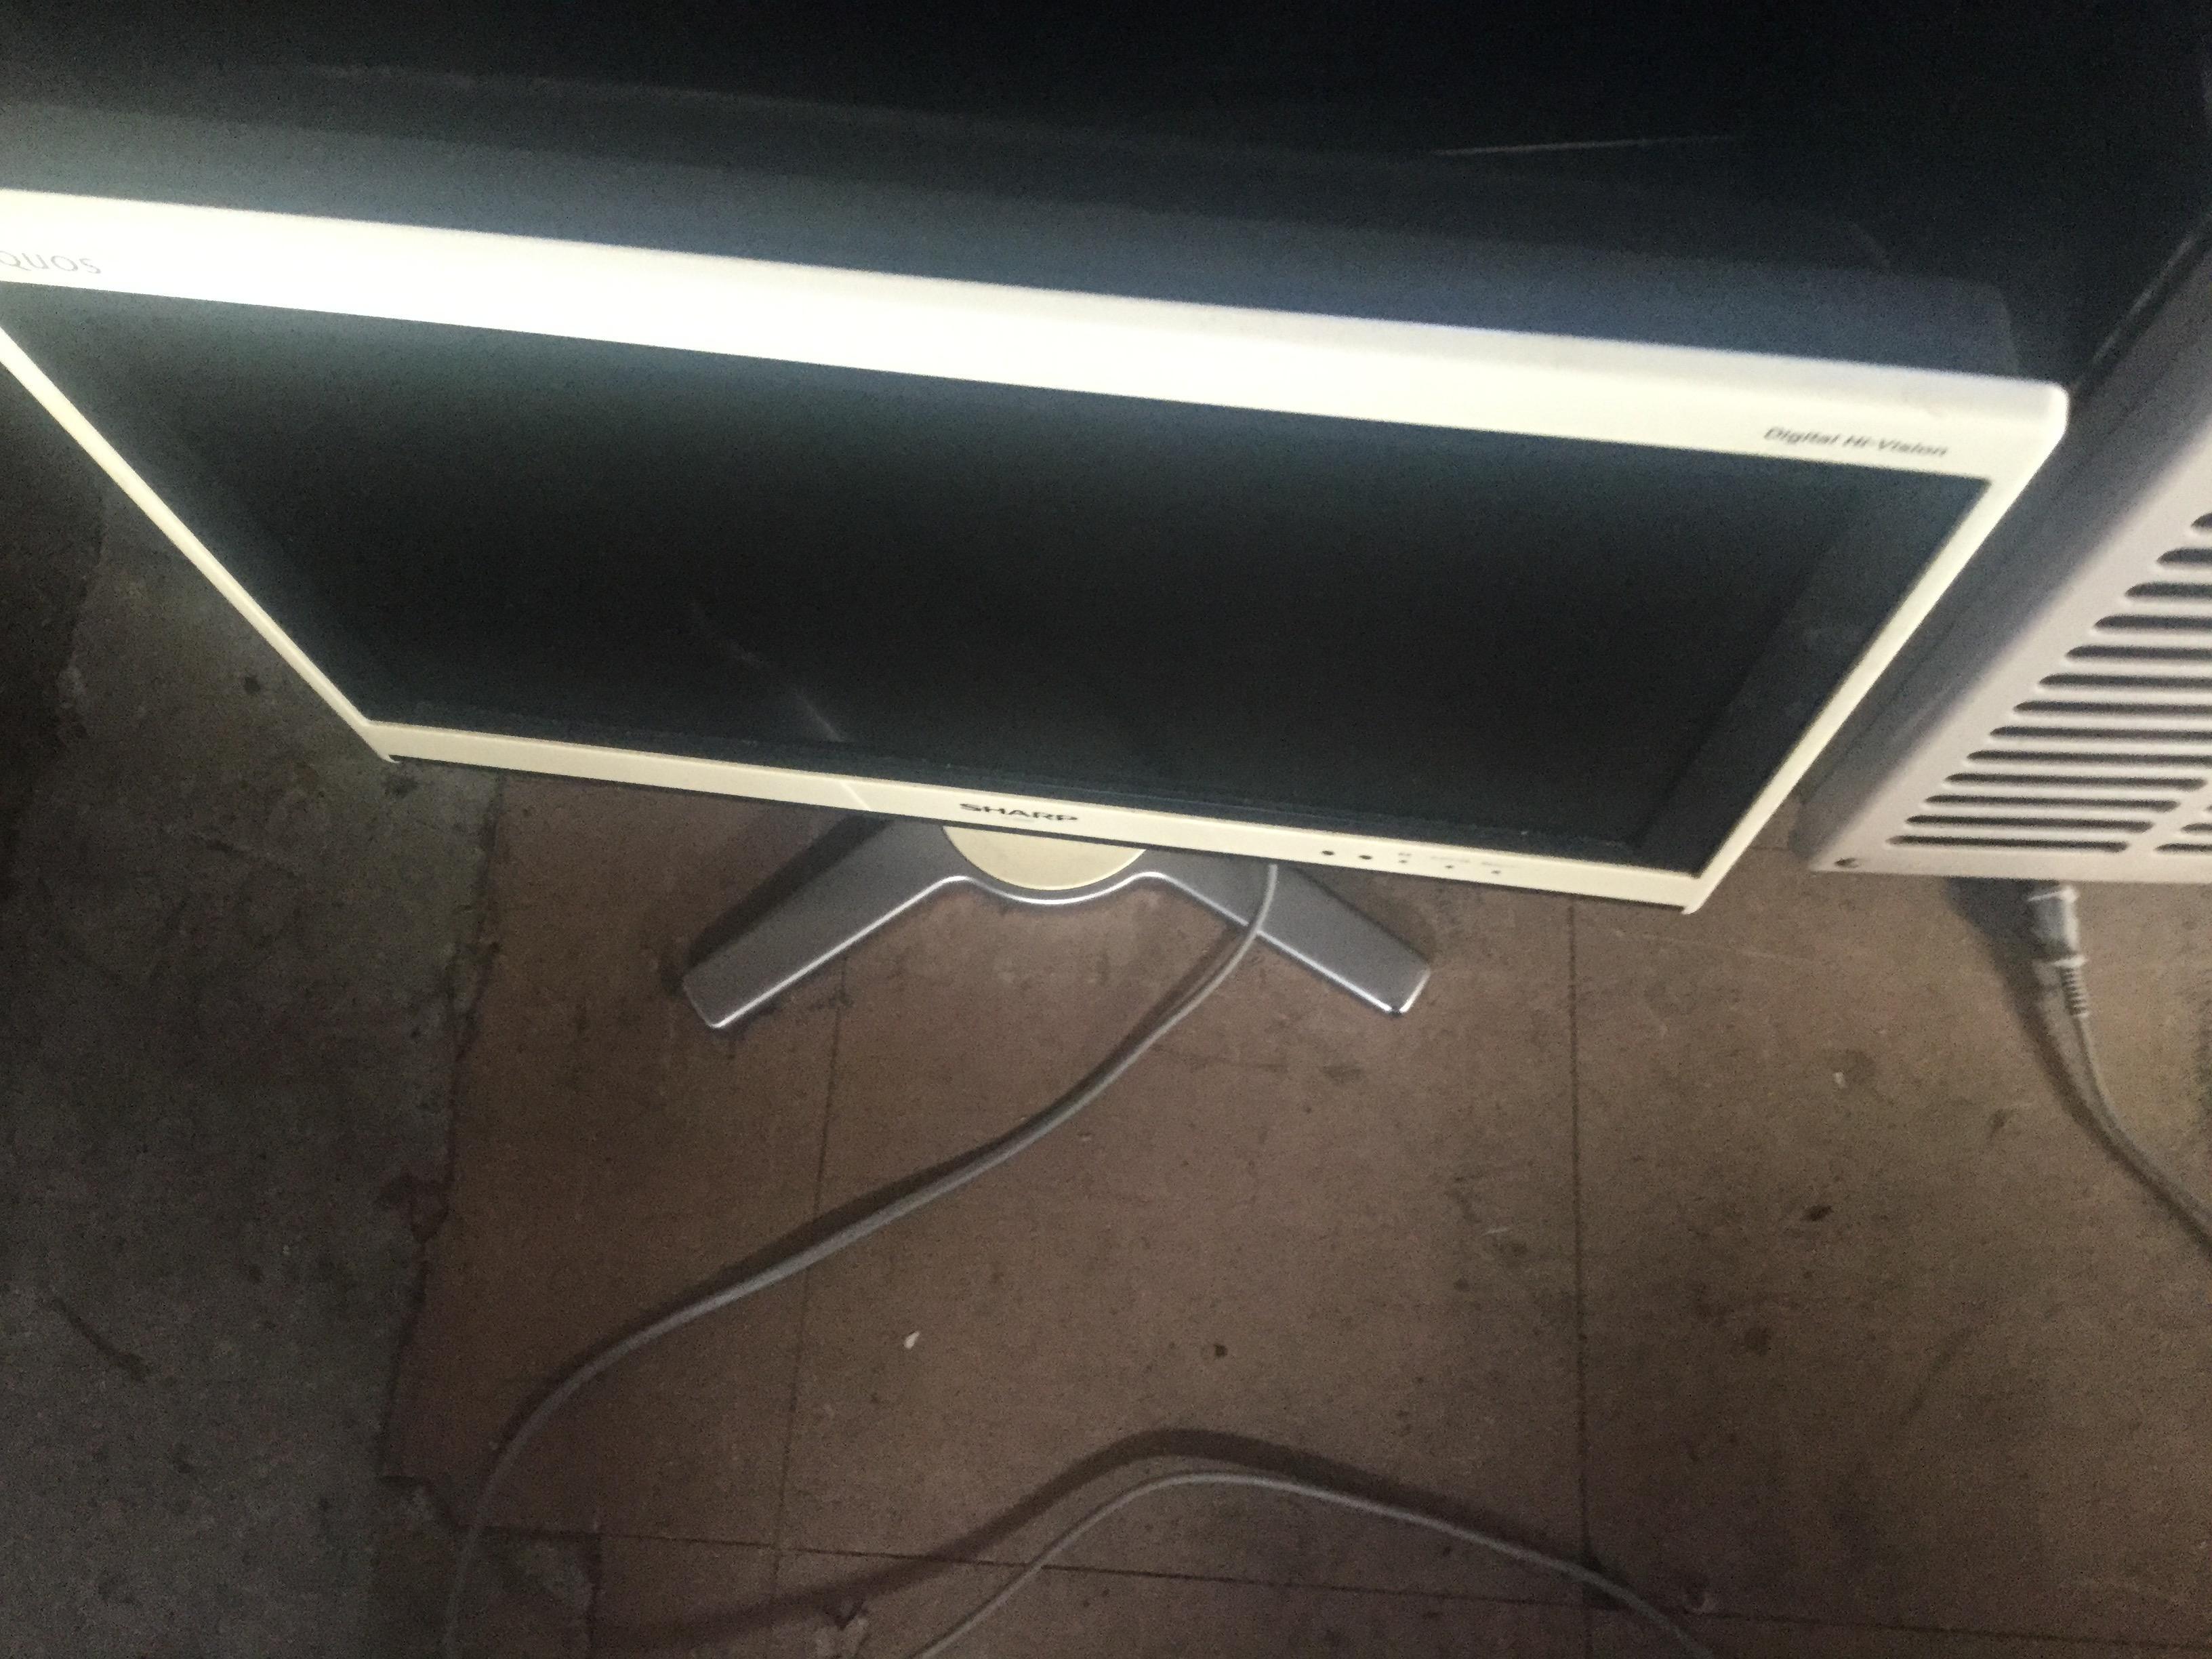 岡山市南区で不用品回収した液晶テレビ